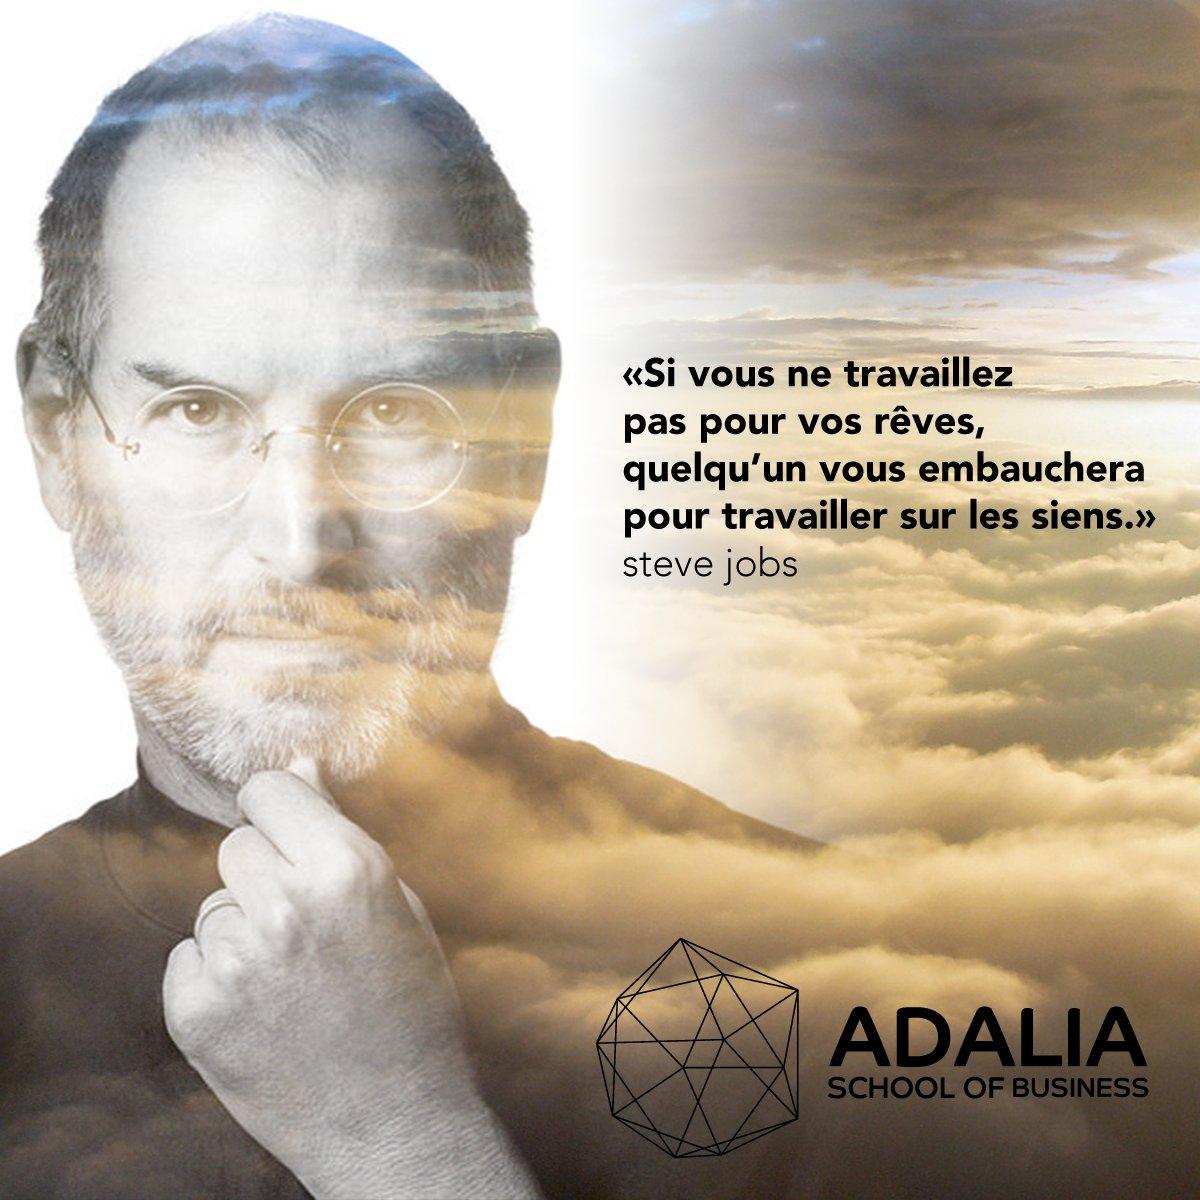 si vous ne travaillez pas pour vos rêves quelqu'un vous embauchera pour travailler pour les siens